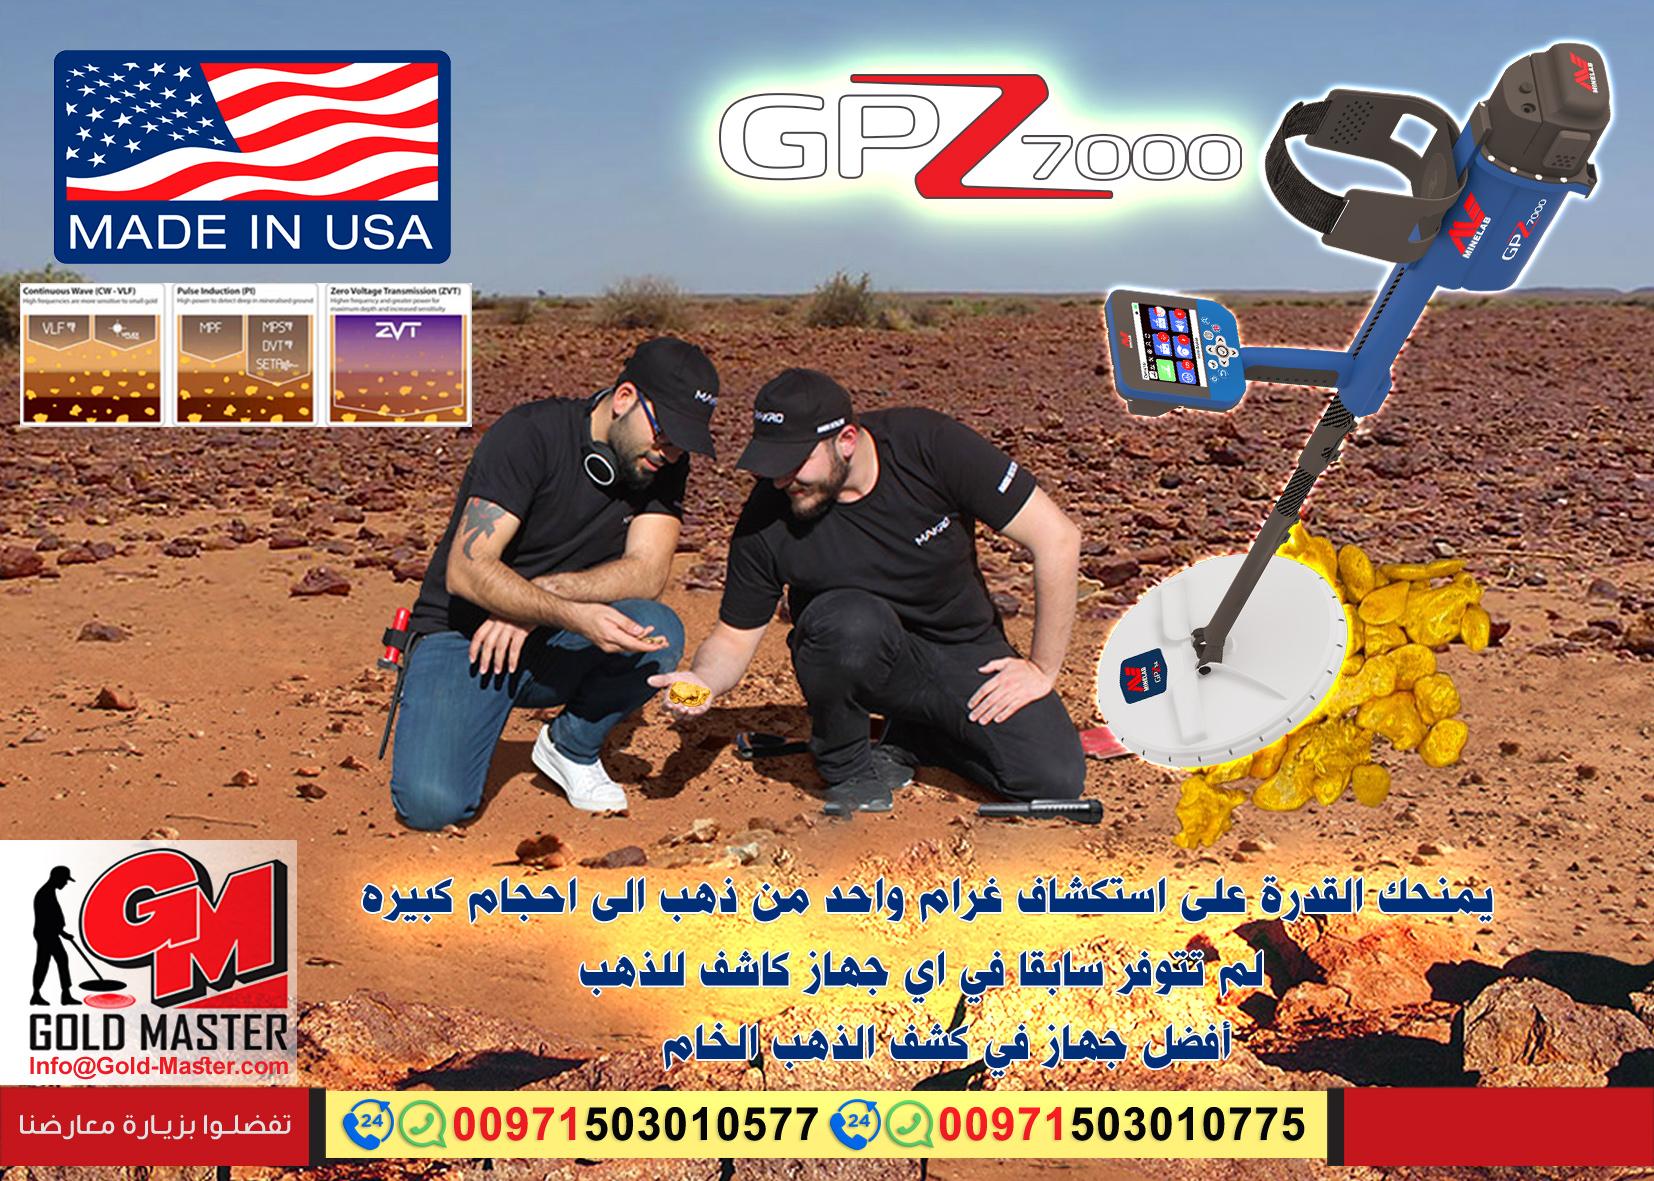 جهاز كشف الذهب جي بي زد 7000 | GPZ 7000